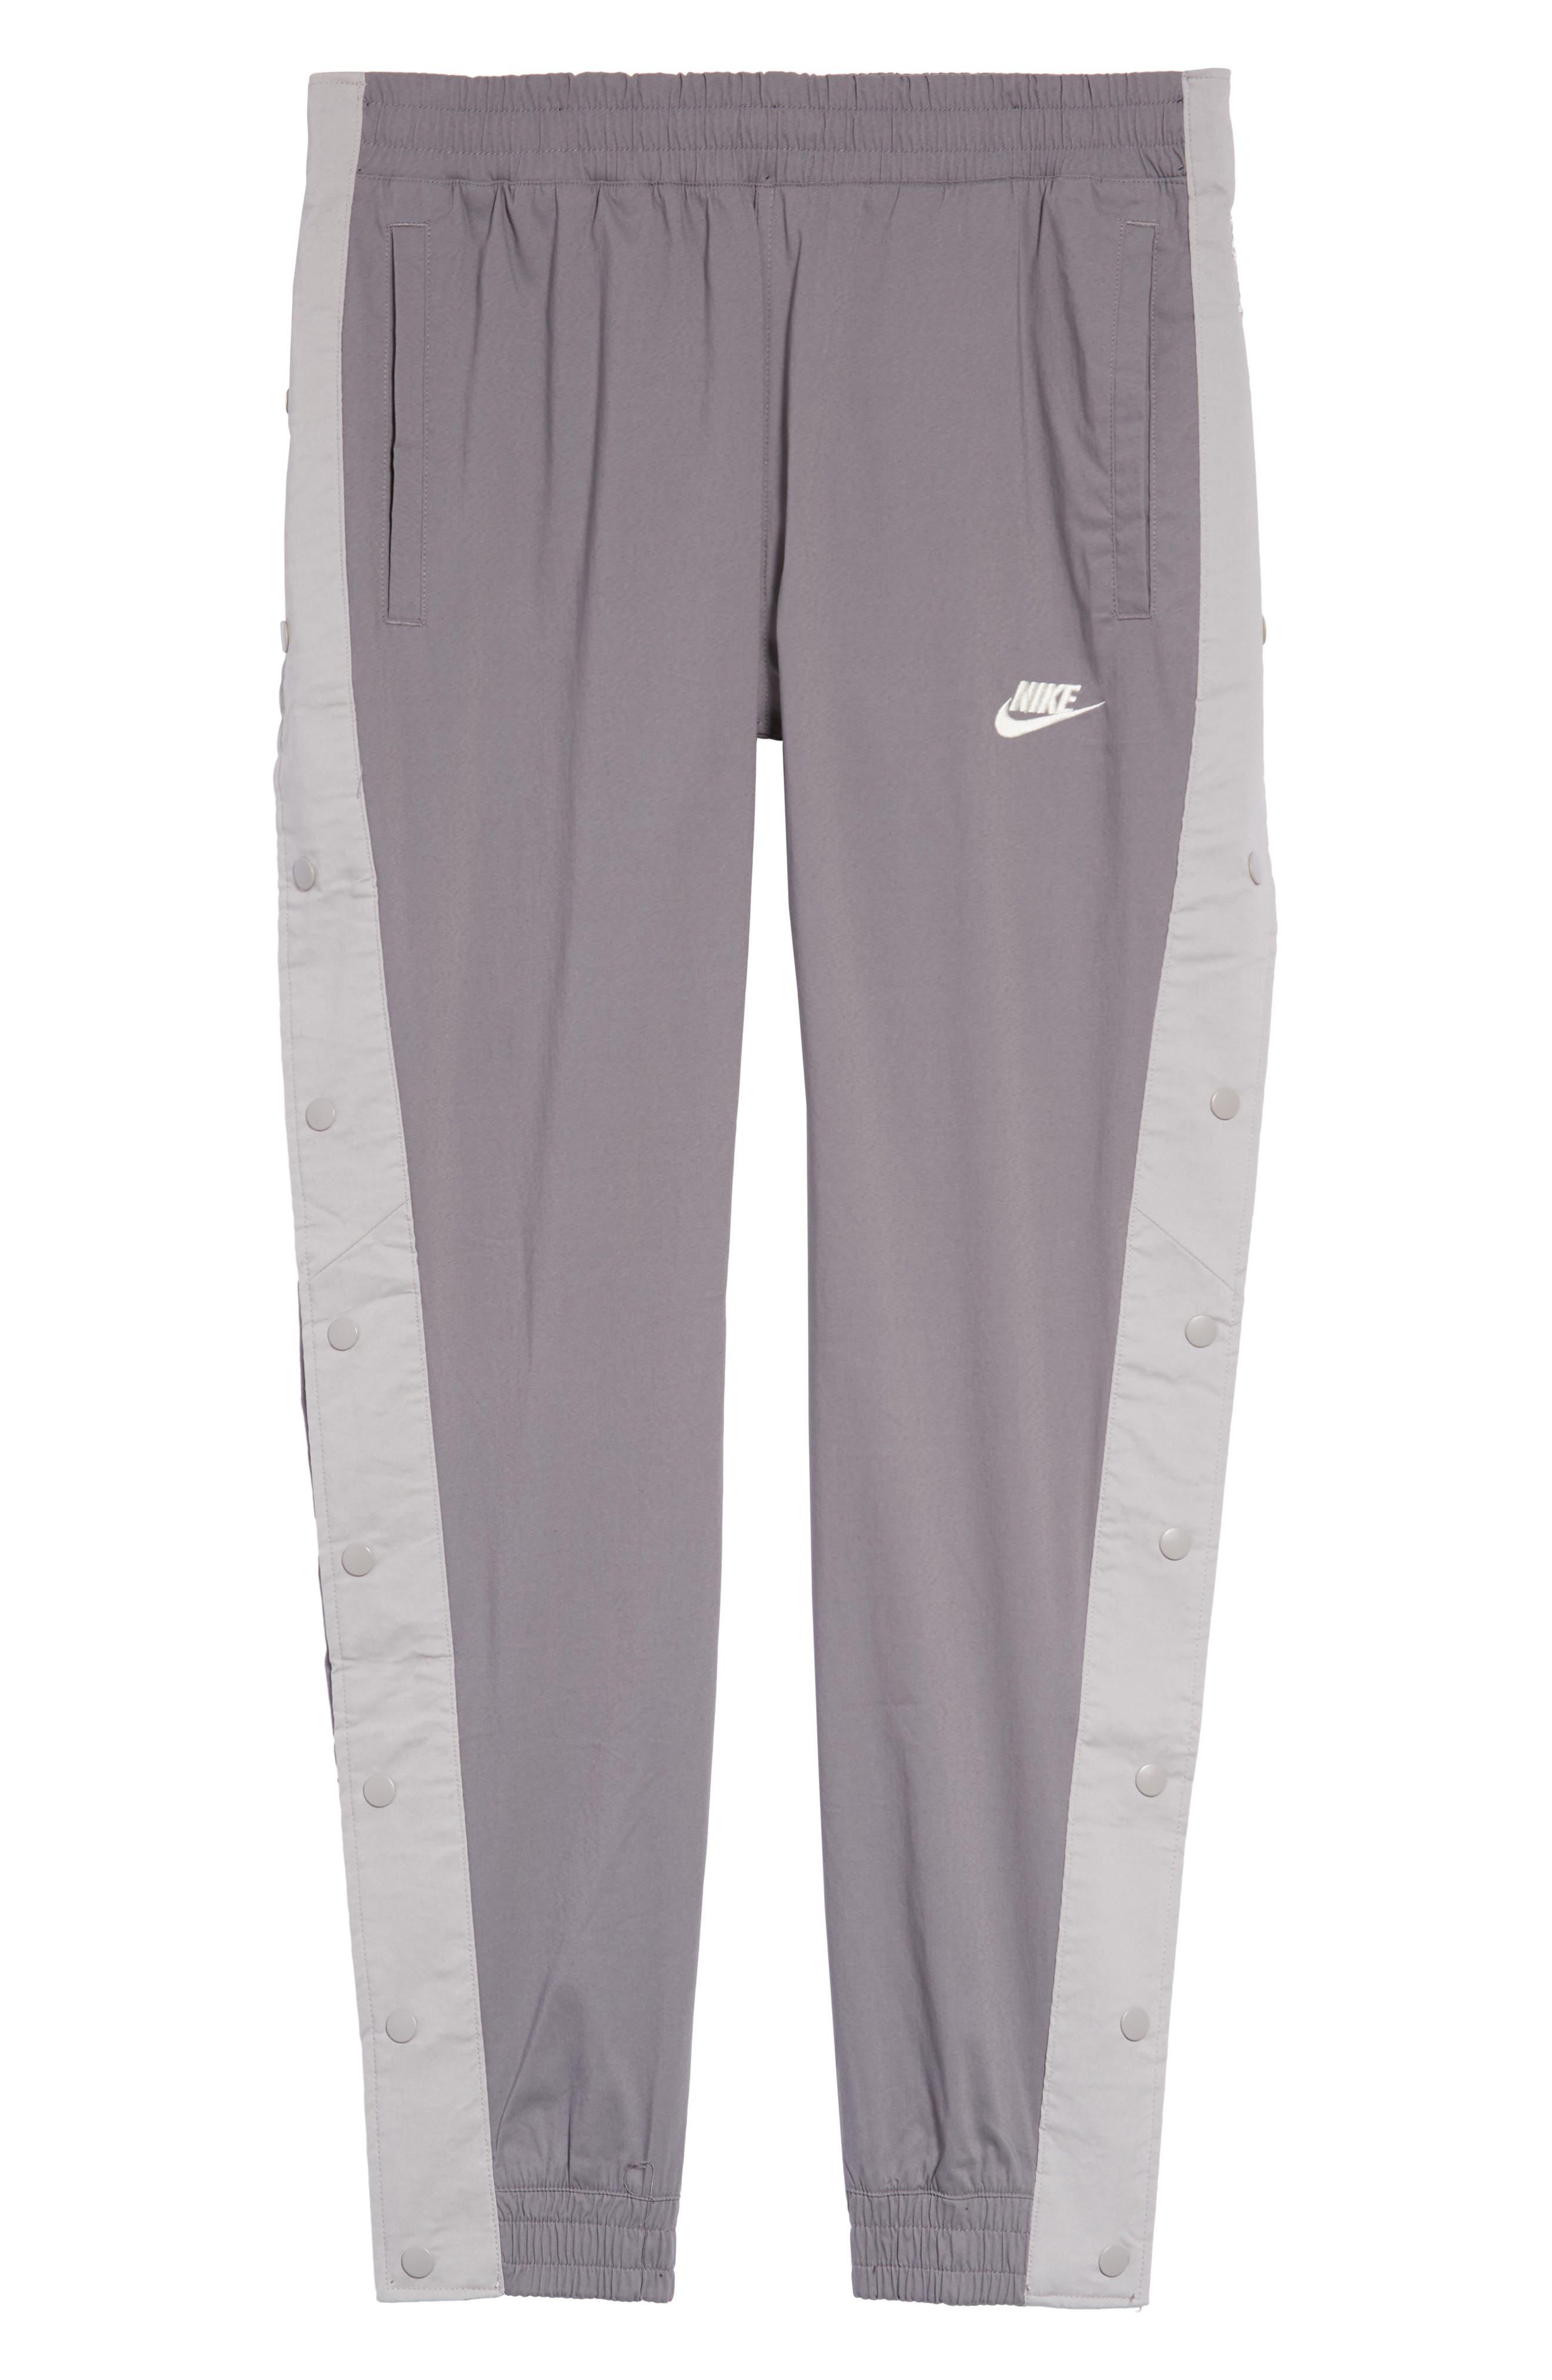 NSW Air Force 1 Lounge Pants,                             Alternate thumbnail 6, color,                             Gunsmoke/ Grey/ Orewood